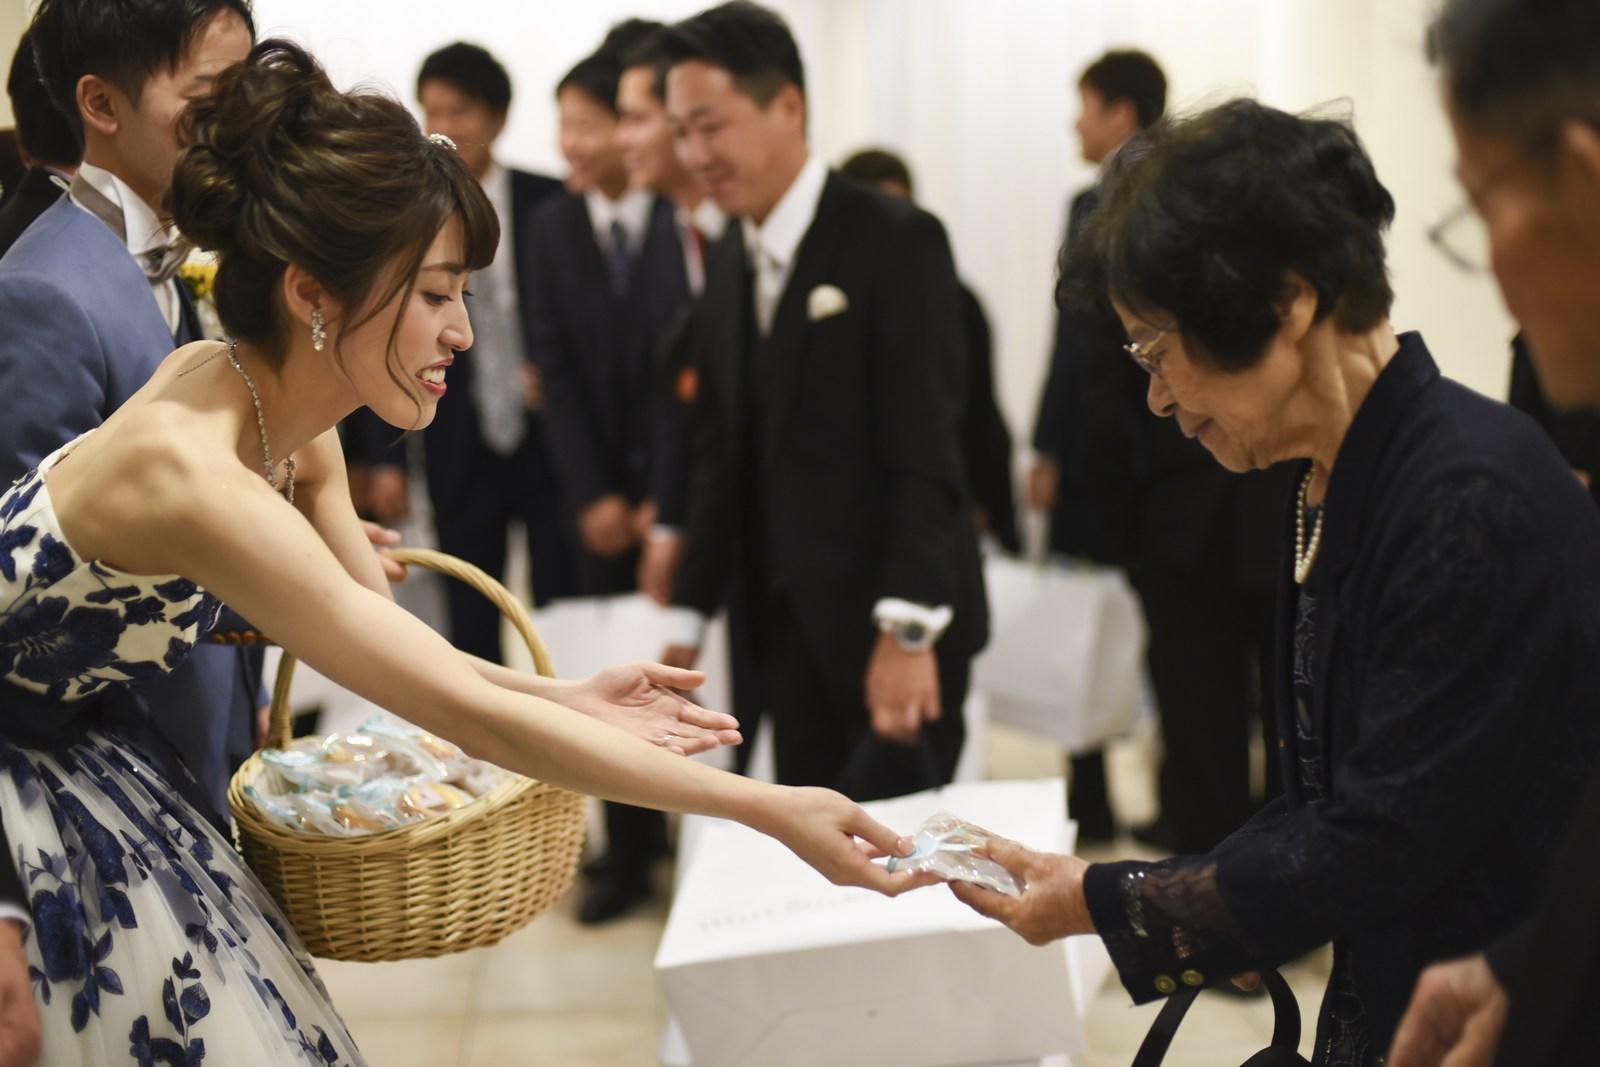 香川県の結婚式場シェルエメール&アイスタイルの送賓